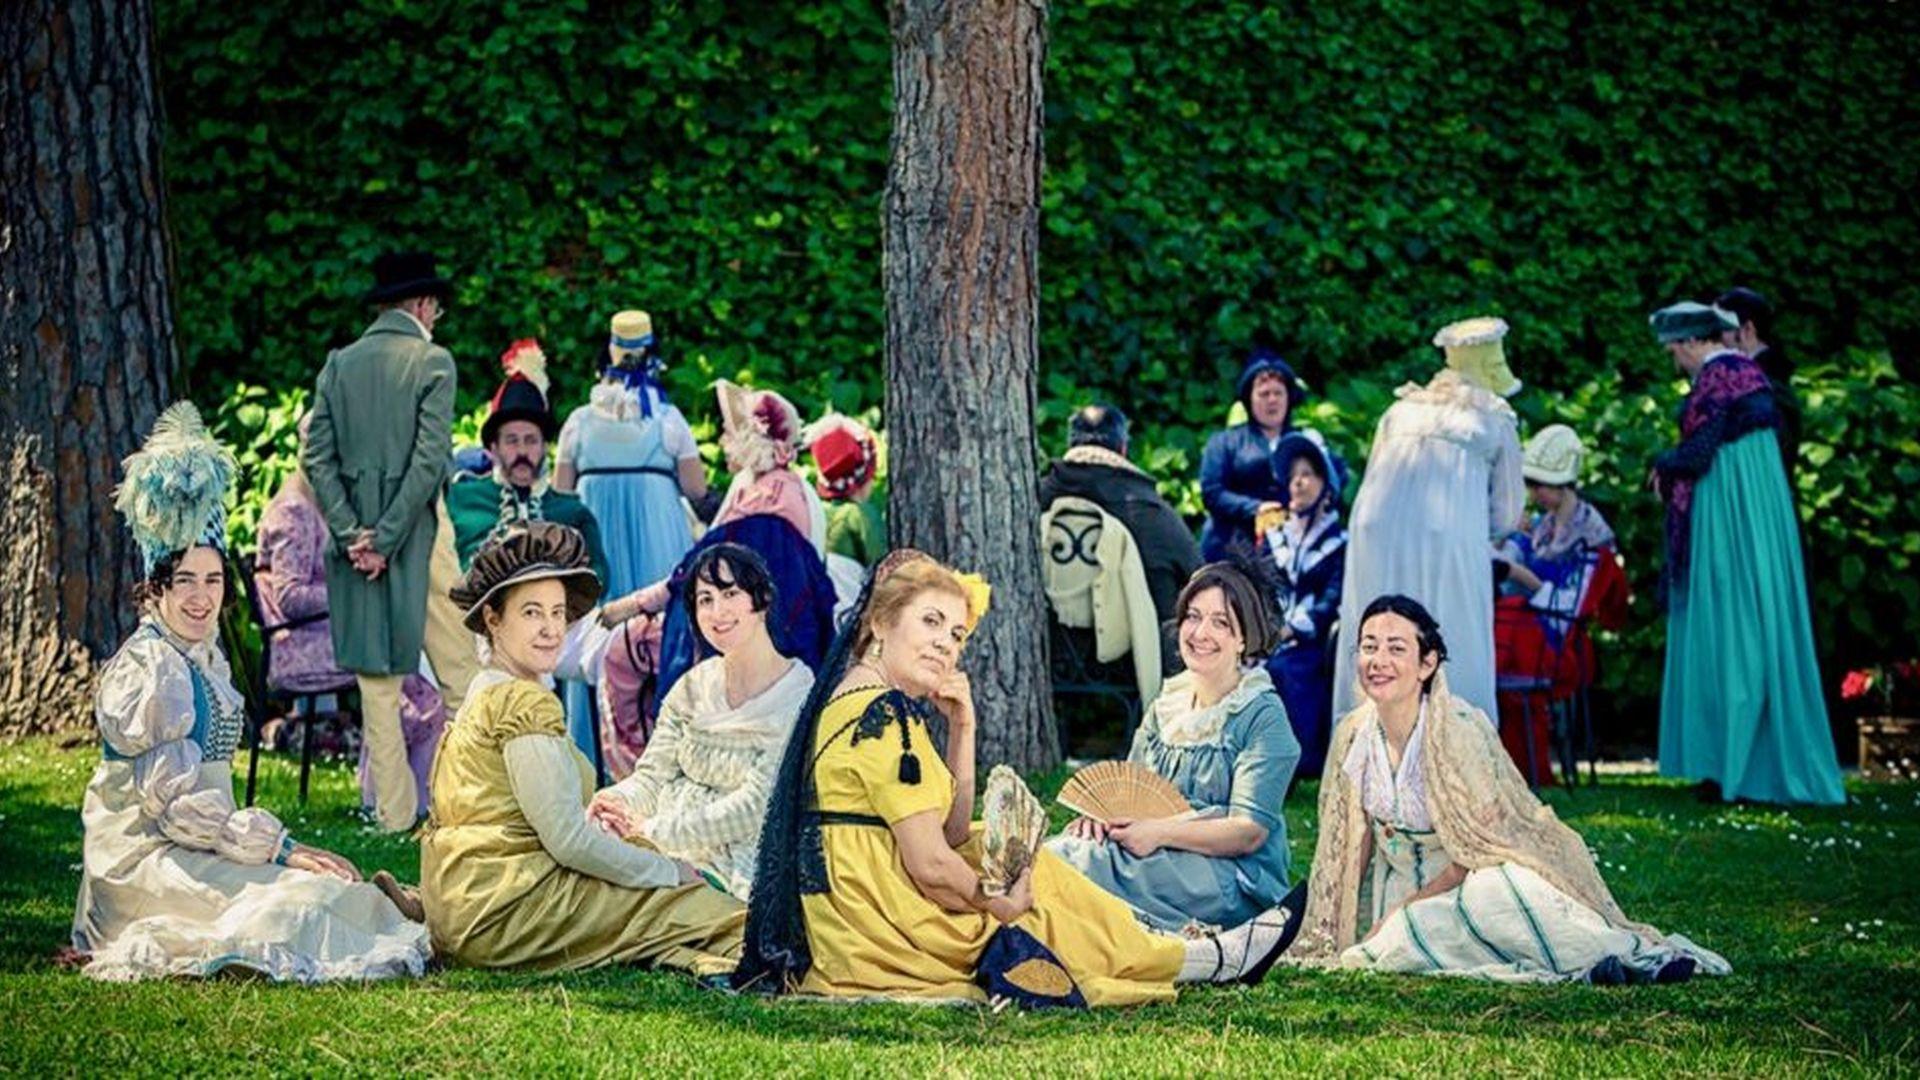 rievocazione storica napoleonica a villa reale di marlia